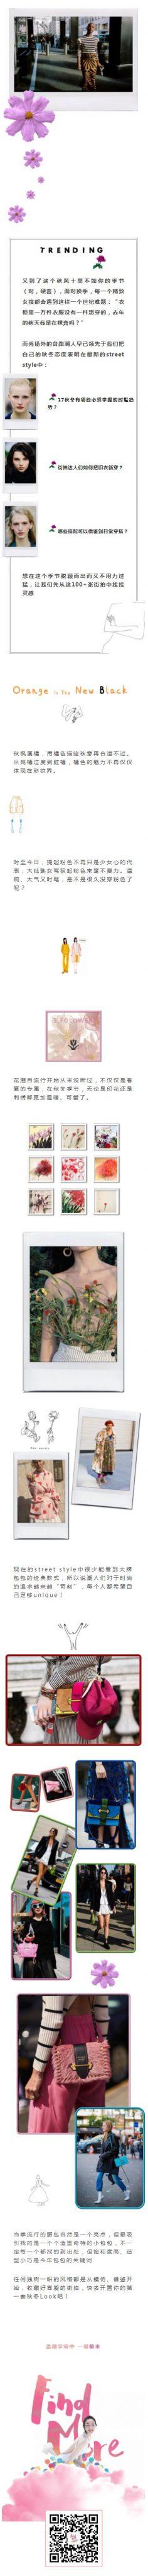 衣服时装产品女装介绍文章模板